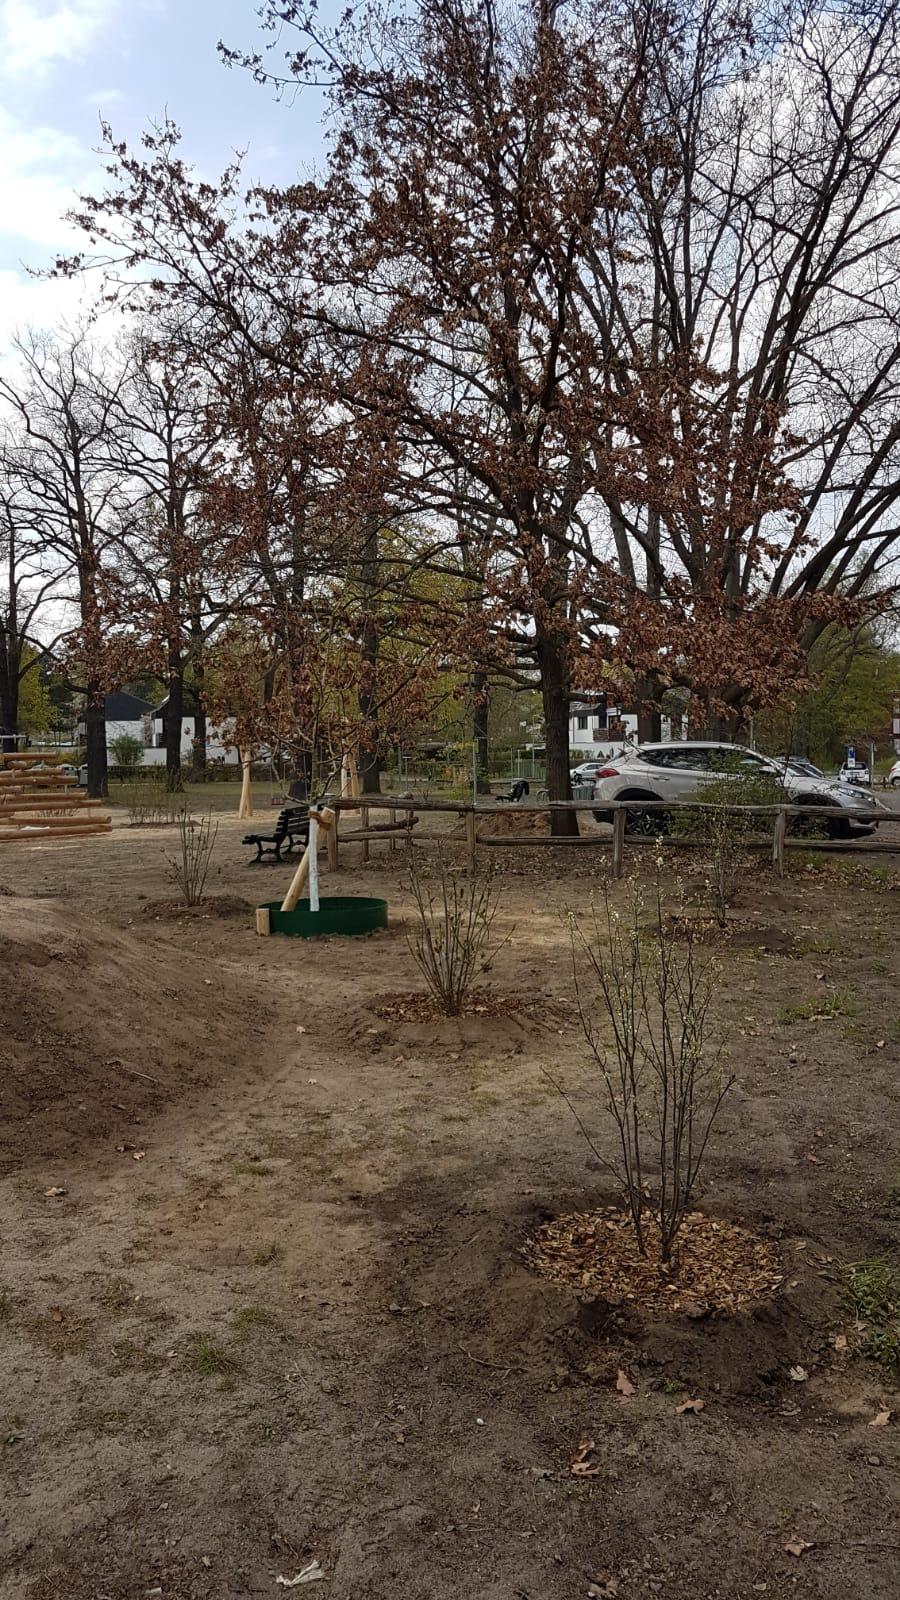 Der Spielplatz vor dem Mommsenstadion wächst und gedeiht